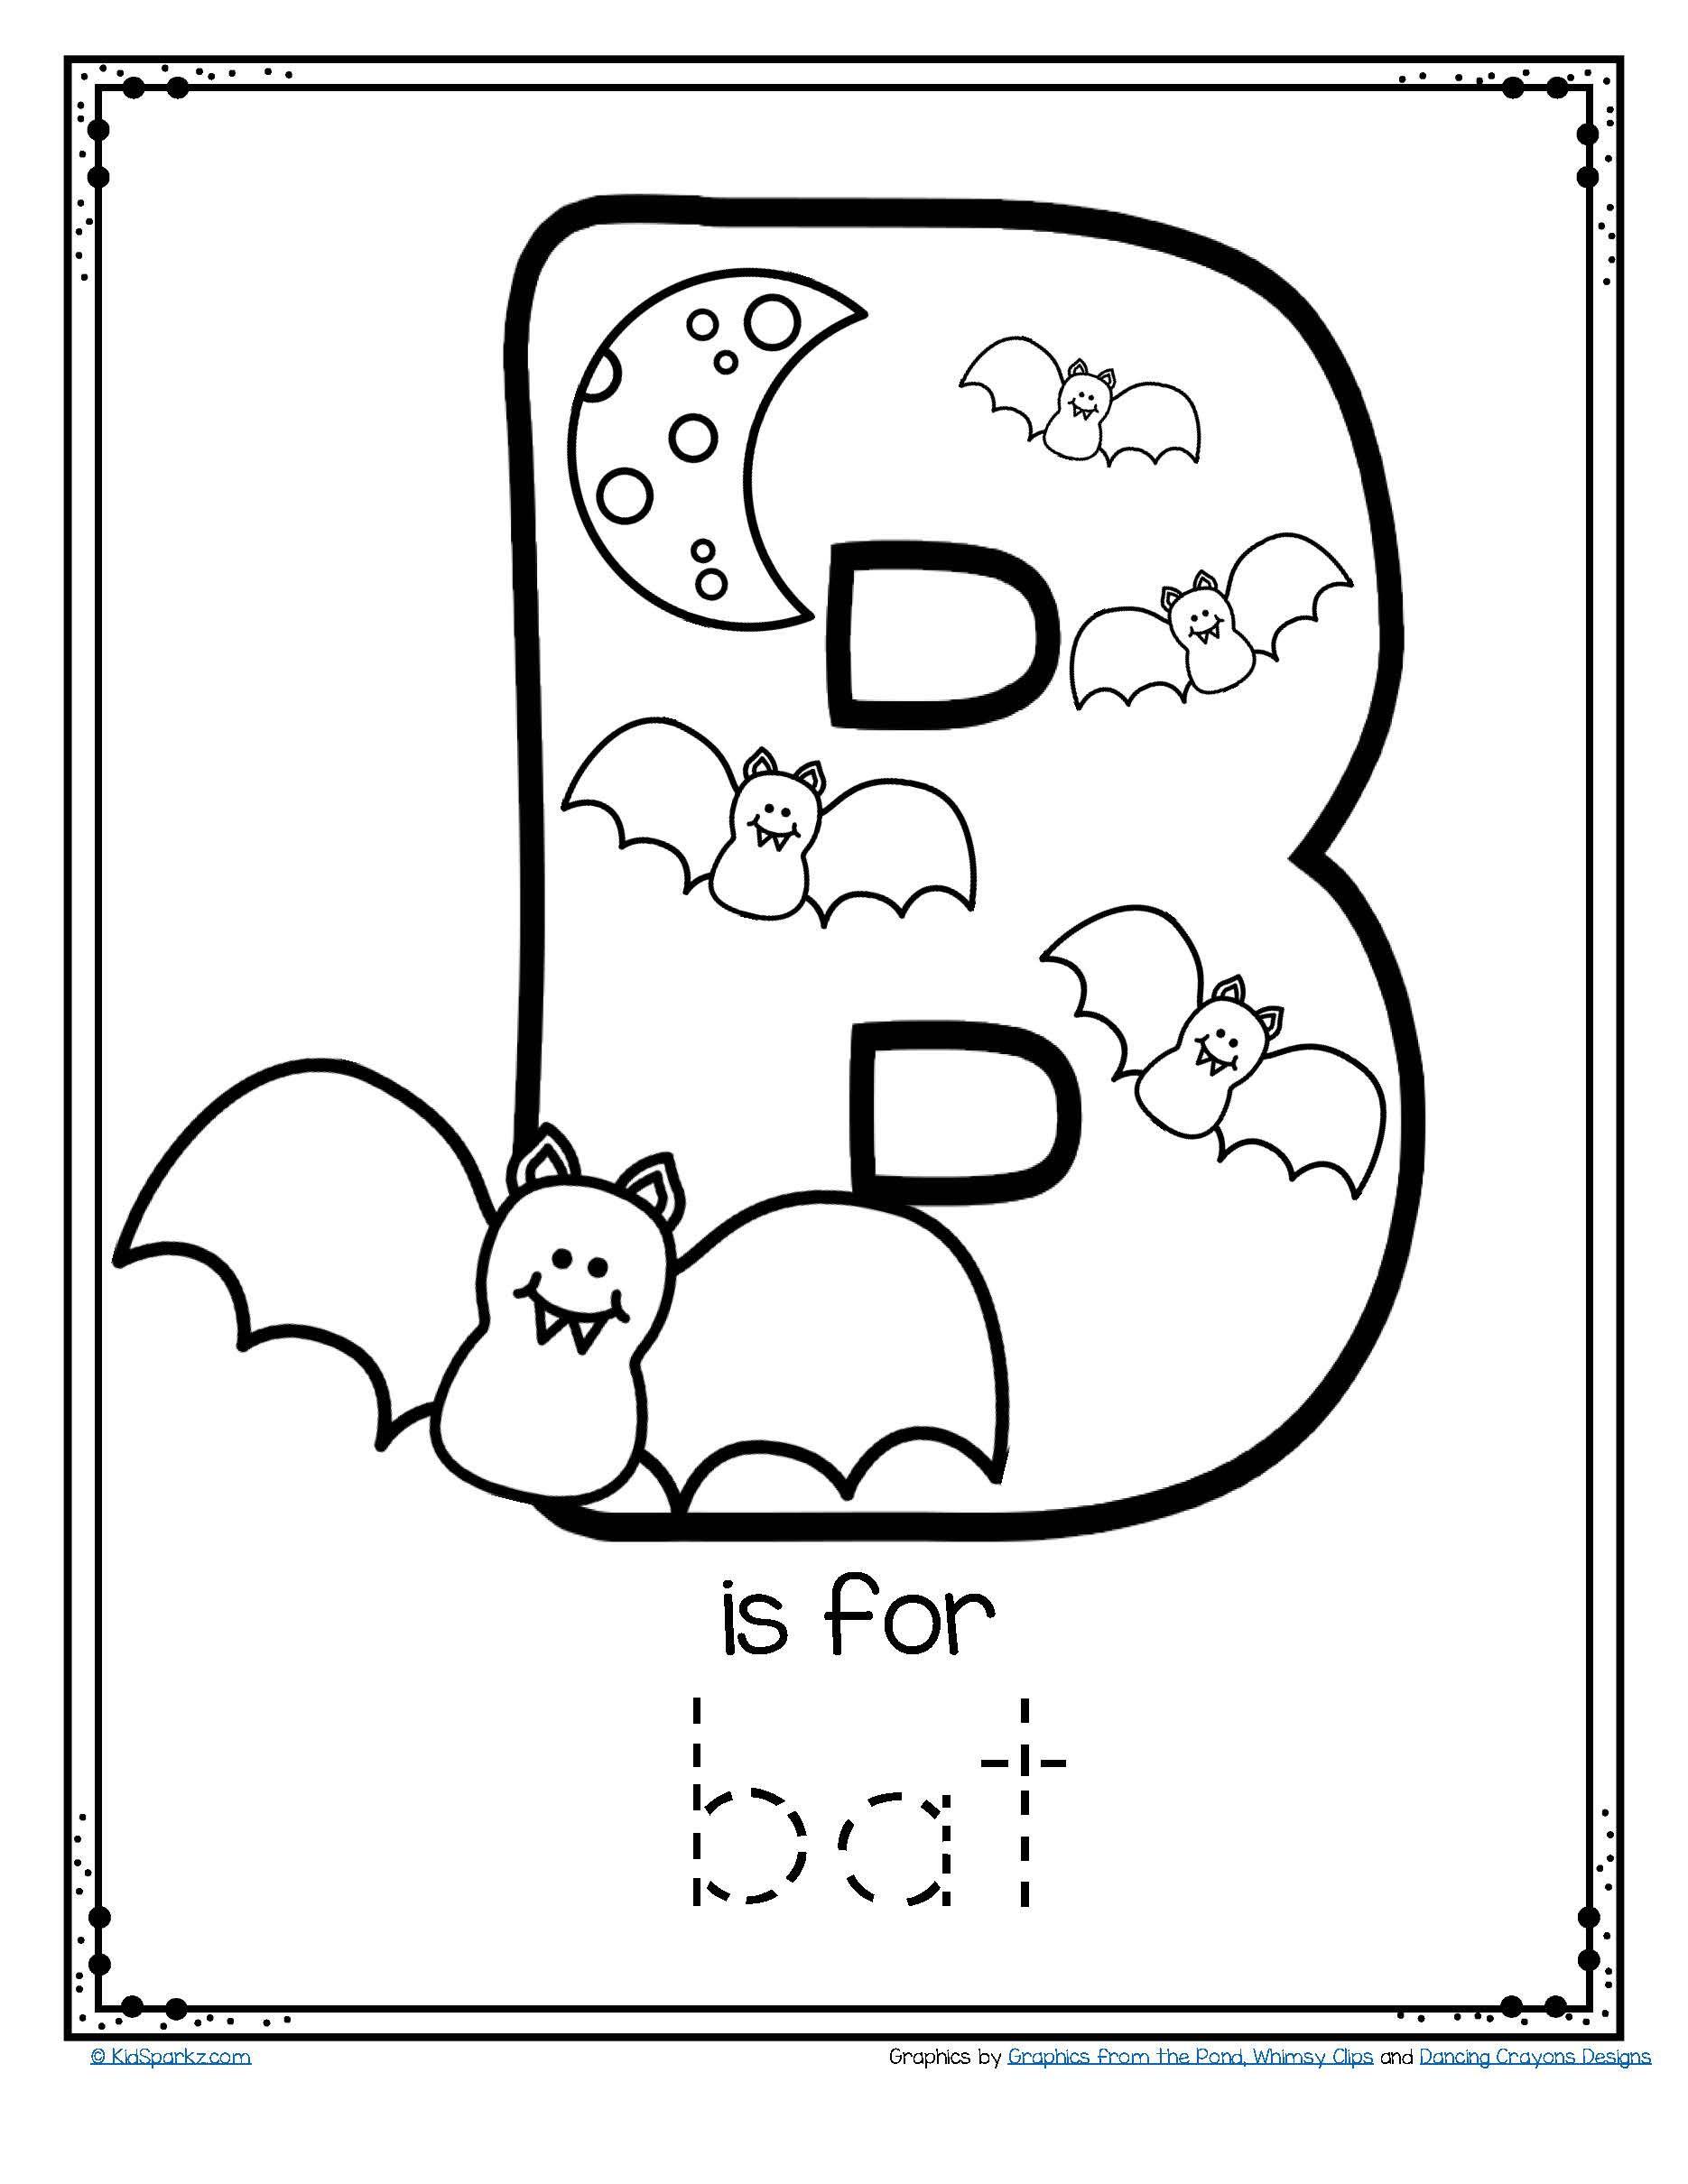 Free Alphabet Tracing And Coloring Printable B Is For Bat Preschool Kindergarten Ha Alphabet Activities Preschool Halloween Preschool Preschool Activities [ 2420 x 1870 Pixel ]